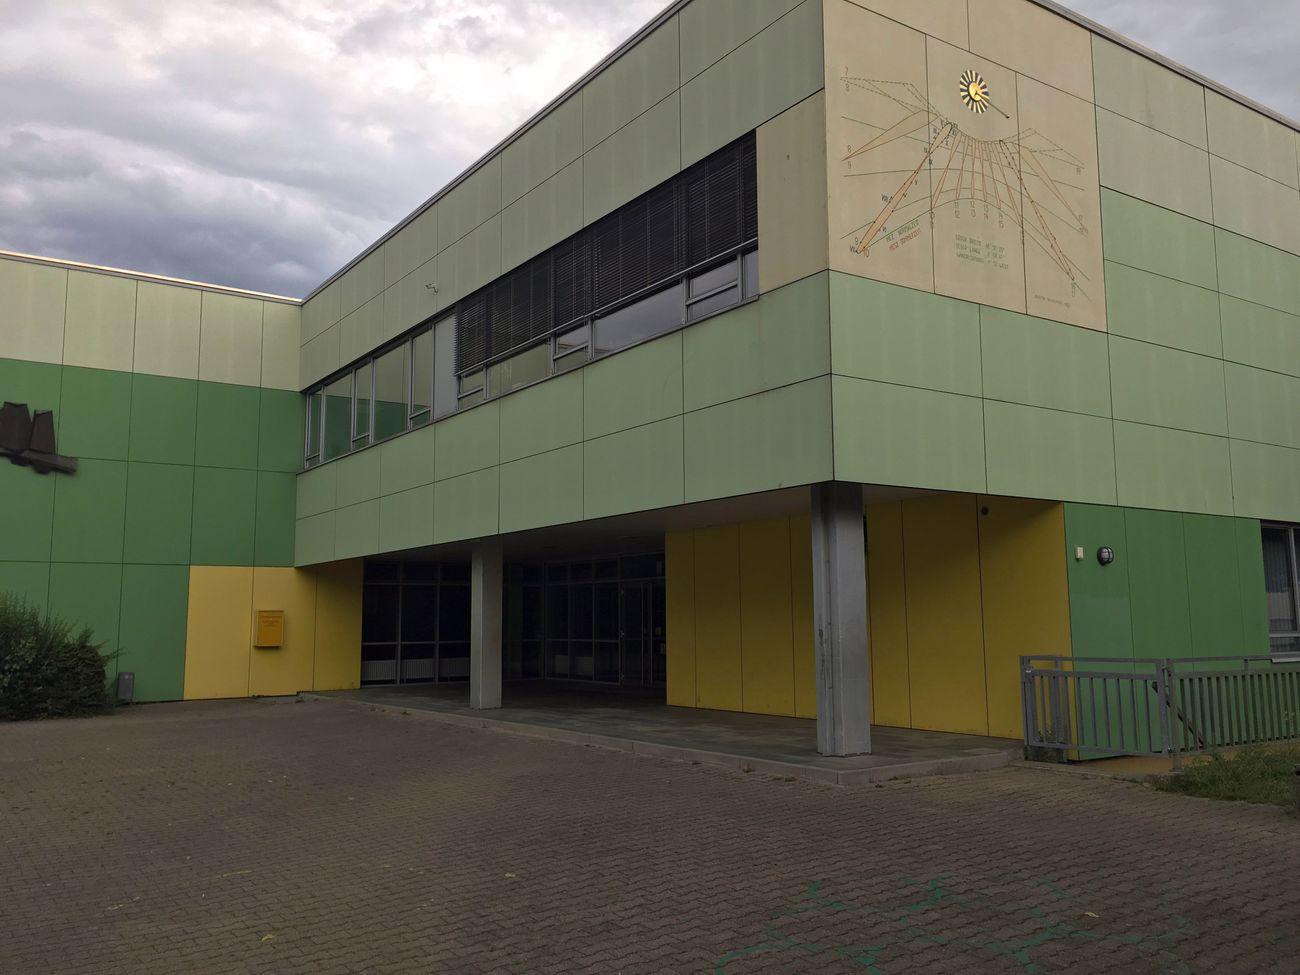 Gustav-Schönleber-Schule